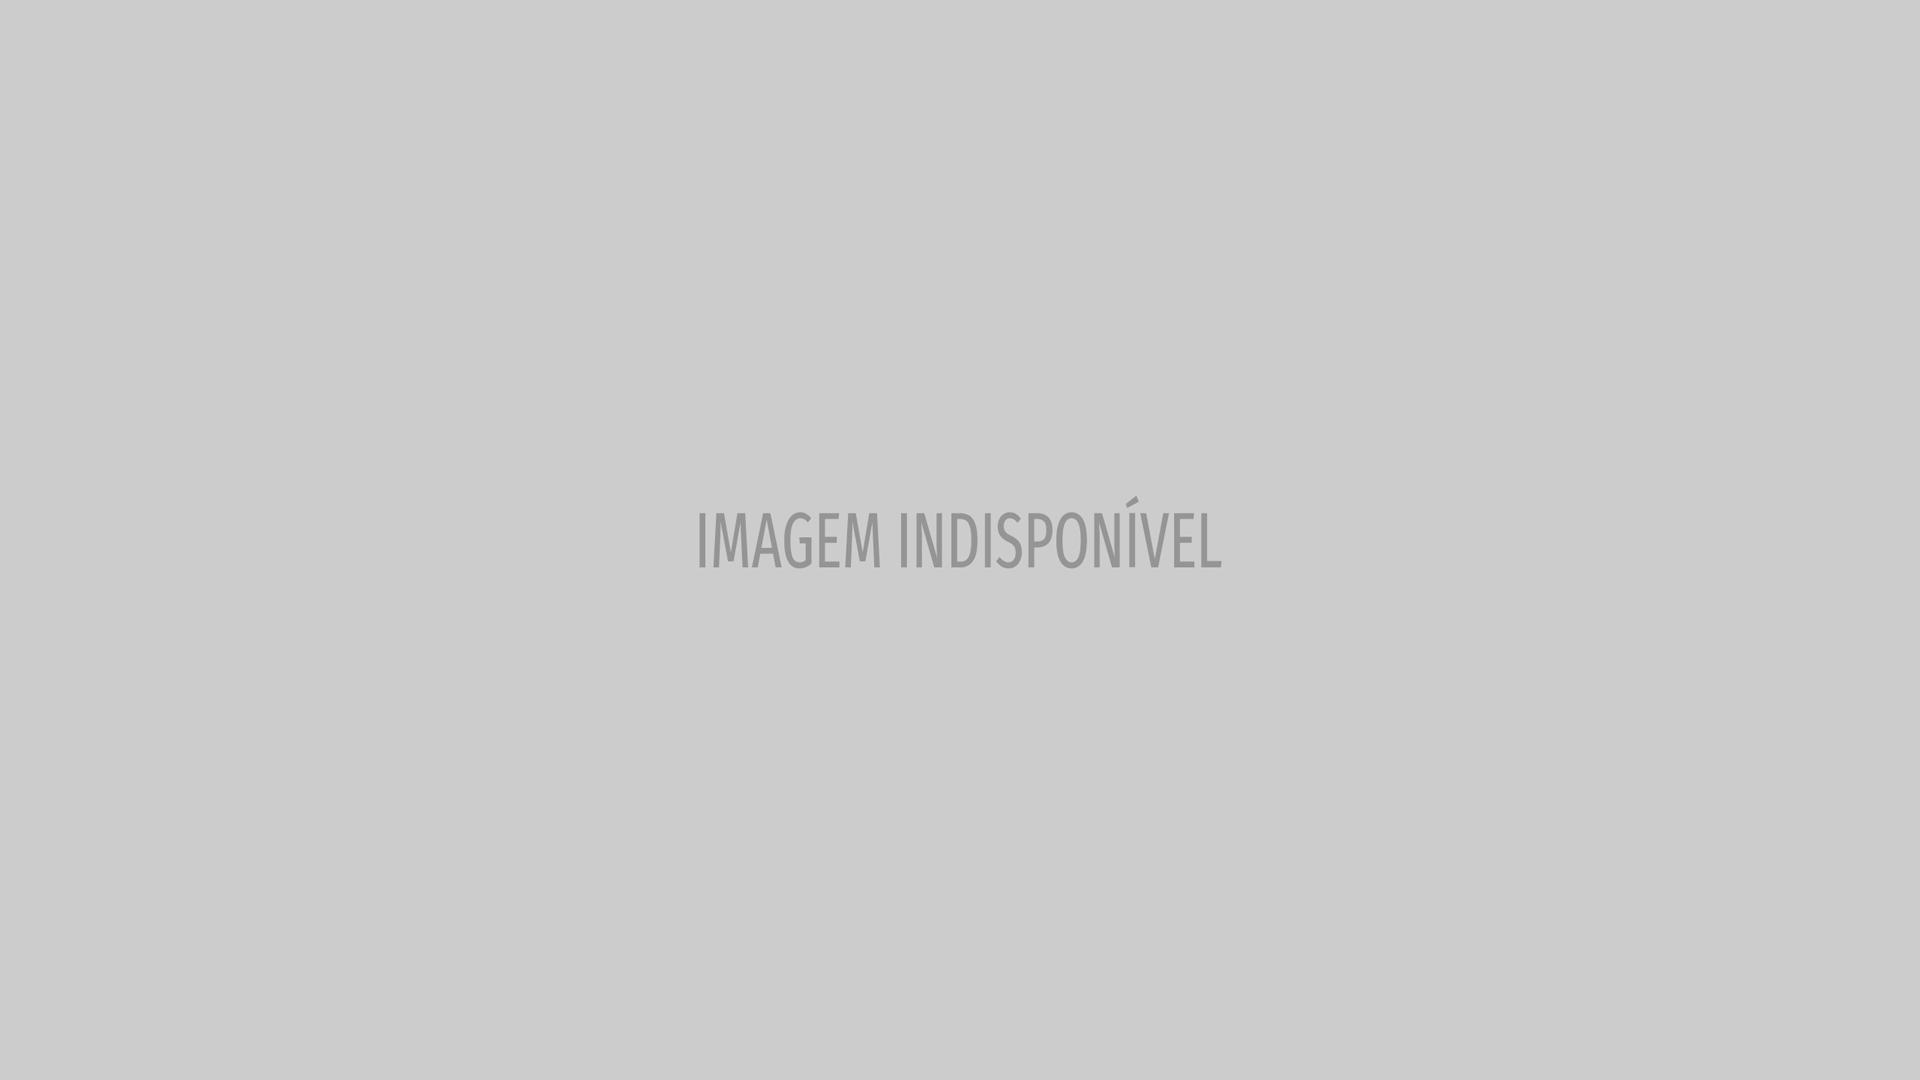 Cristiano Ronaldo fatura R$ 1,5 milhão por cada foto publicada no Instagram